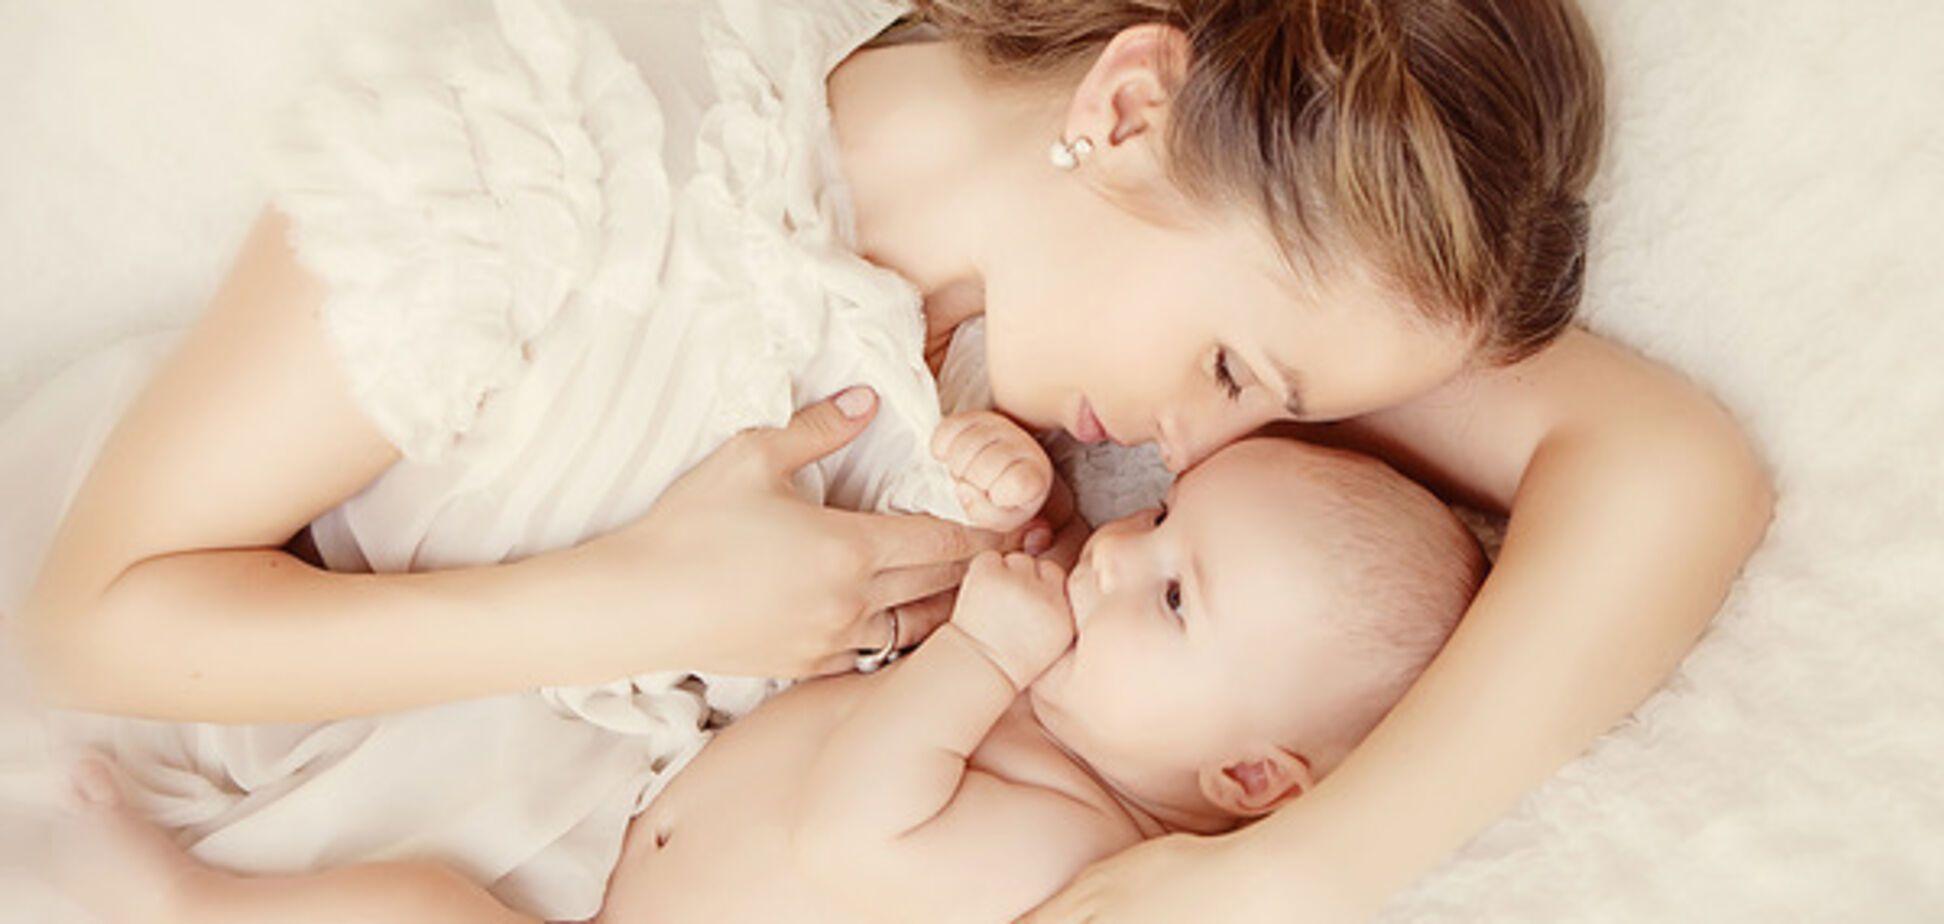 Духовний розвиток під час декрету: кілька порад молодій мамі